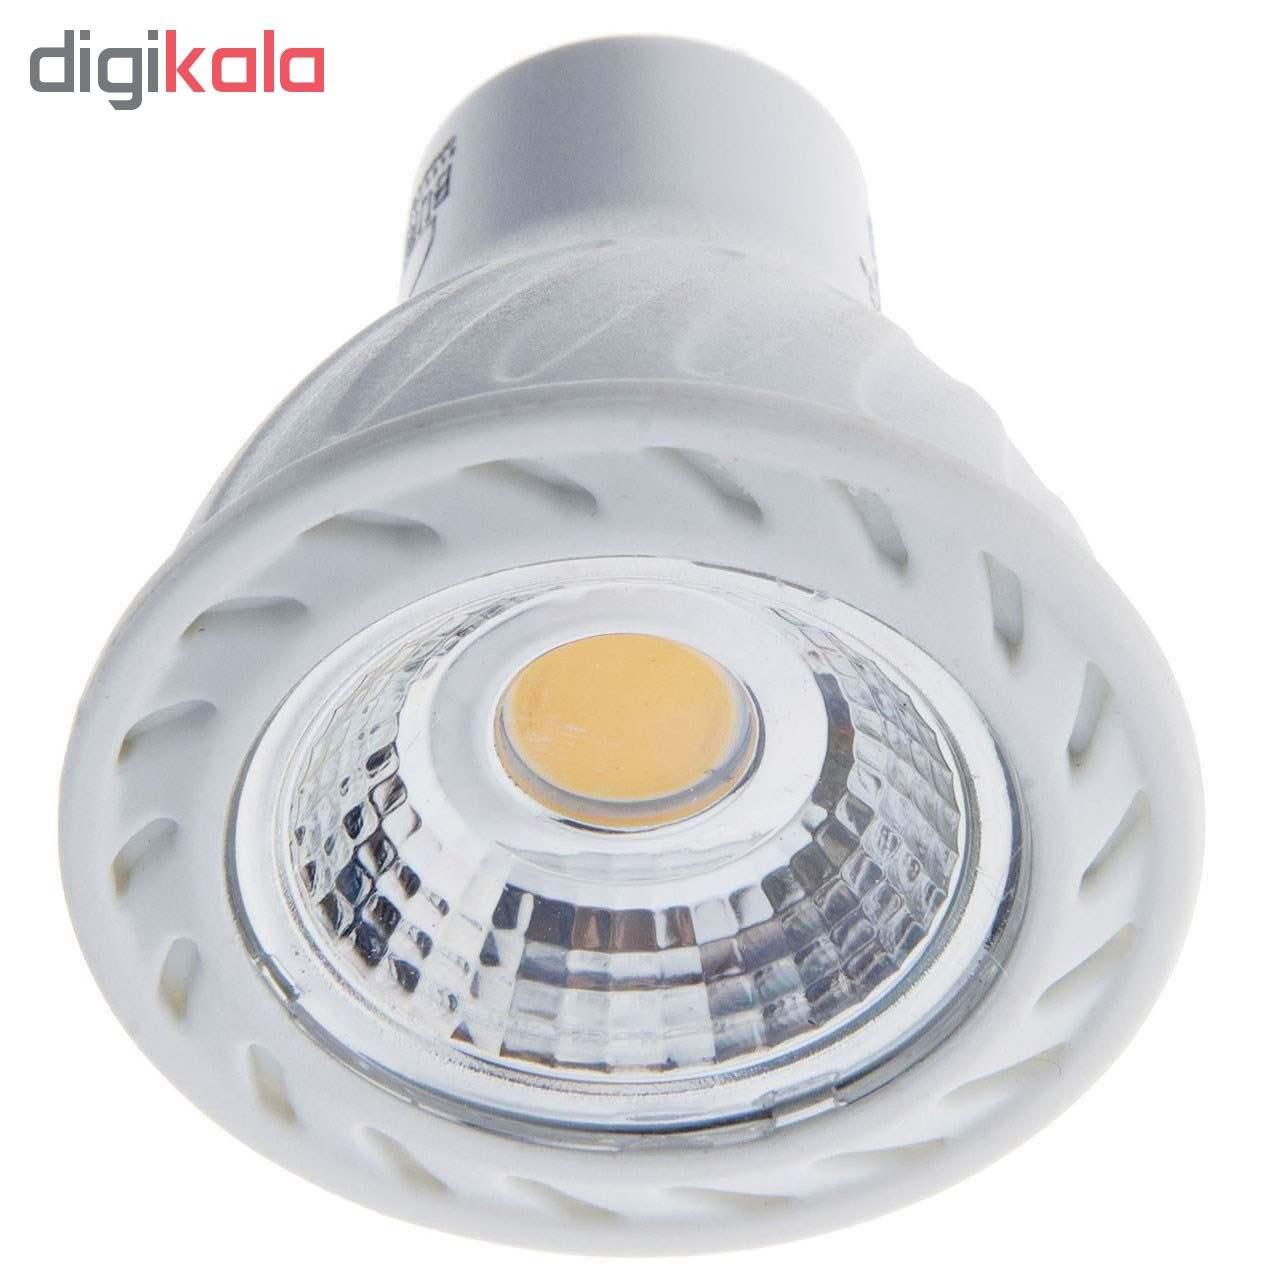 لامپ هالوژن ال ای دی 7 وات مدل HH پایه سوزنی بسته 4 عددی main 1 1